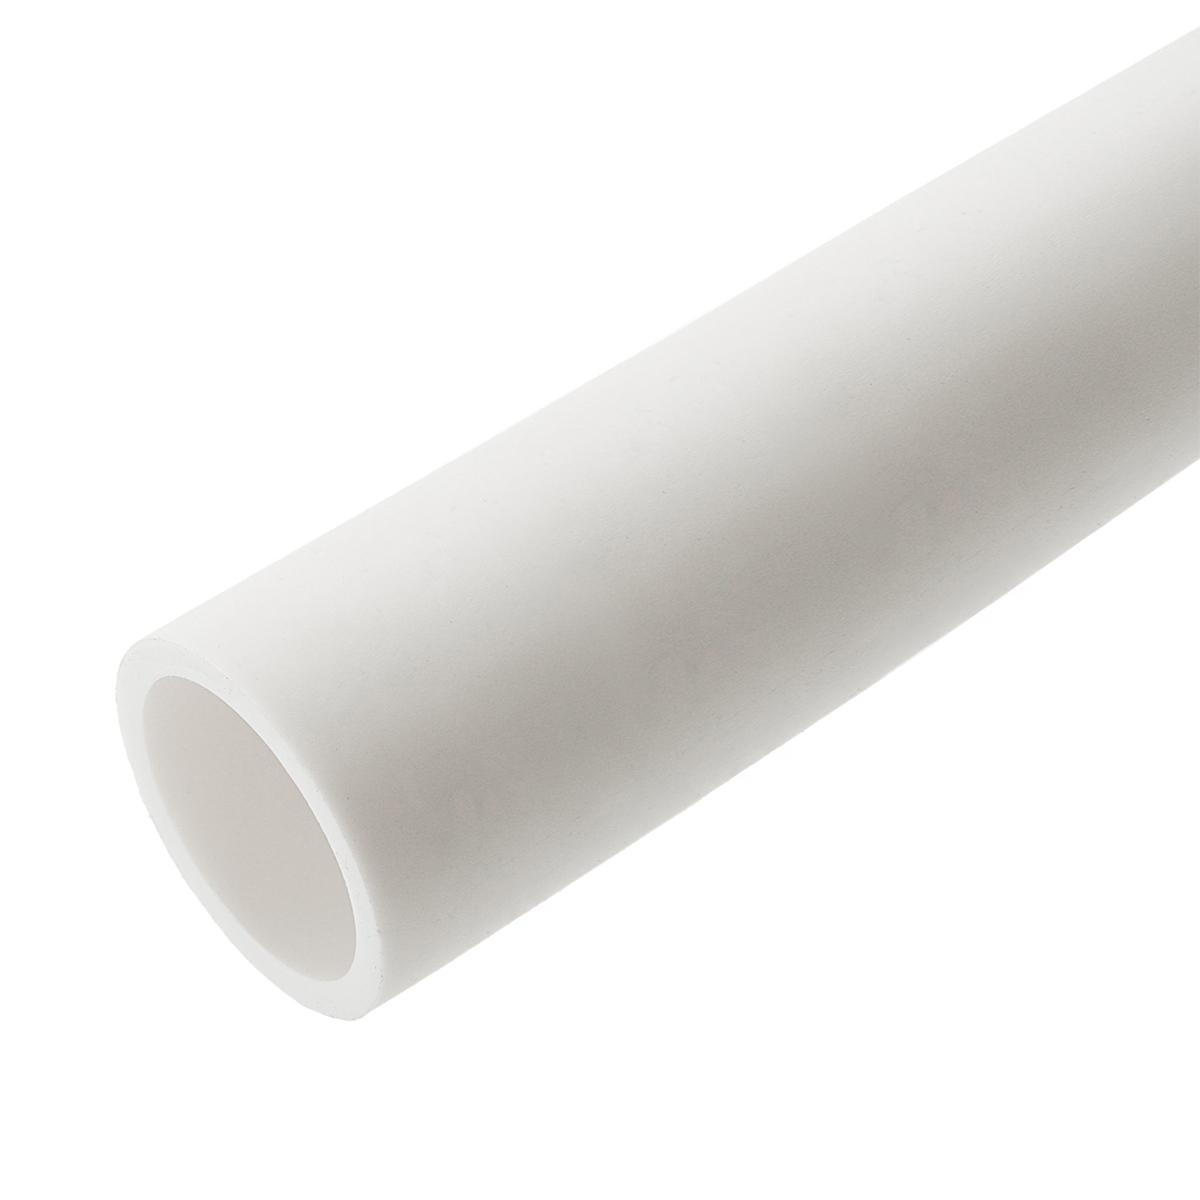 Полипропиленовая труба для холодной воды